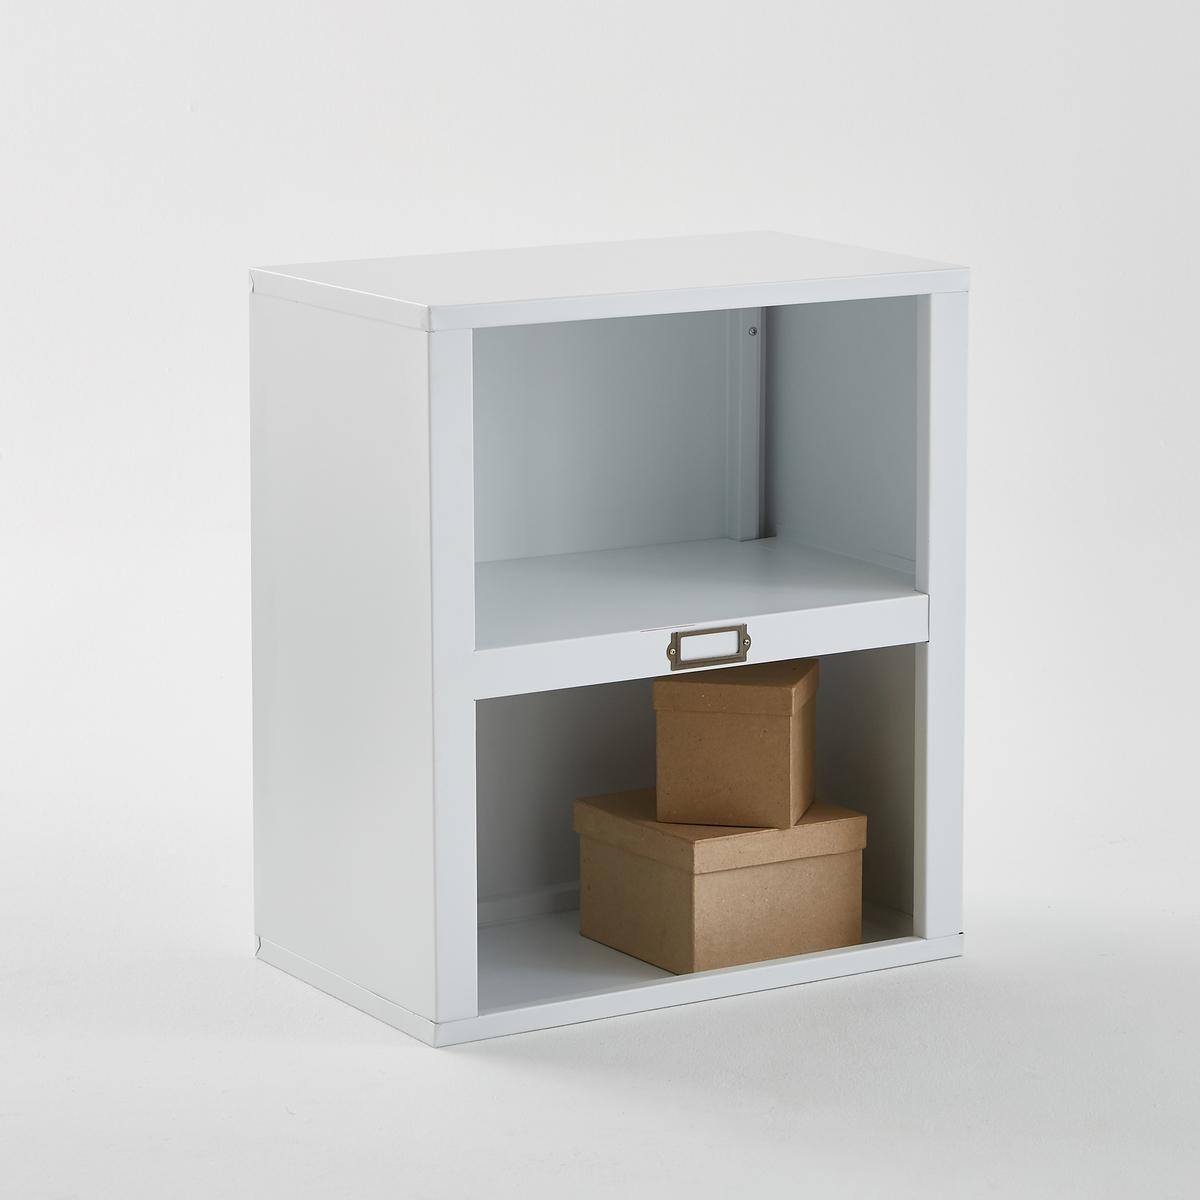 Столик с 2 отделениями из стали, белого матового цвета, HibaСтолик Hiba. Элегантный дизайн и сдержанный неоиндустриальный стиль, - такой столик будет органично смотреться в дизайне любой гостиной. Описание столика Hiba :2 ниши1 дверка Характеристики столика Hiba :Из лакированной стали белого матового цвета Эпоксидное покрытиеНайдите подходящий шкаф и другие модели из коллекции Hiba на нашем сайте ..Размеры столика Hiba :Общие :Длина : 52,8 см Высота : 60 смГлубина : 31,5 смПолезные размеры :Ниша : 52,9 x 26 x 31,5 см Размеры и вес ящика :1 посылка73 x 14 x 67,5 см, 9,85 кг Доставка :Столик Hiba продается готовым к сборке . Доставка до квартиры !Внимание ! Убедитесь в том, что посылку возможно доставить на дом, учитывая ее габариты.<br><br>Цвет: белый